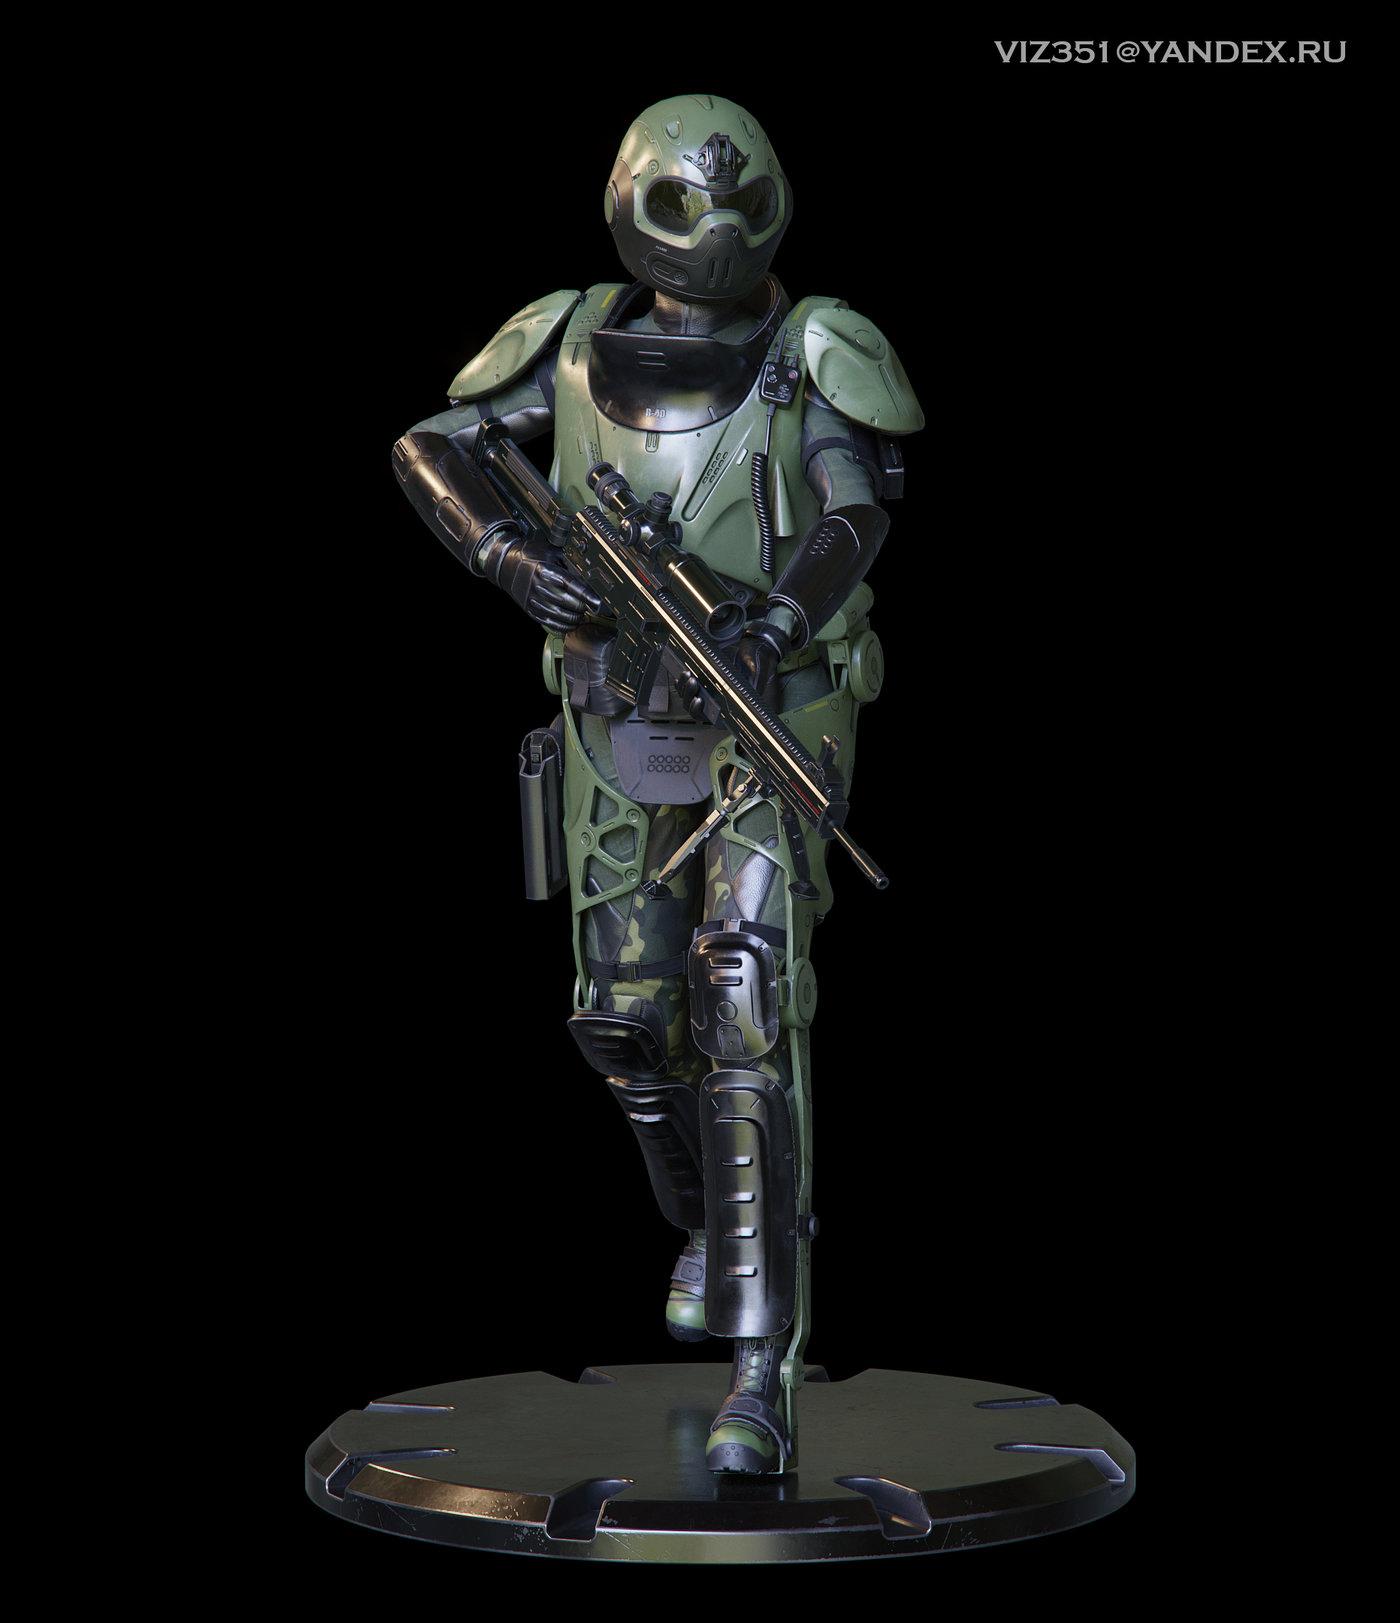 Military Exoskeleton R-40 Nemesis